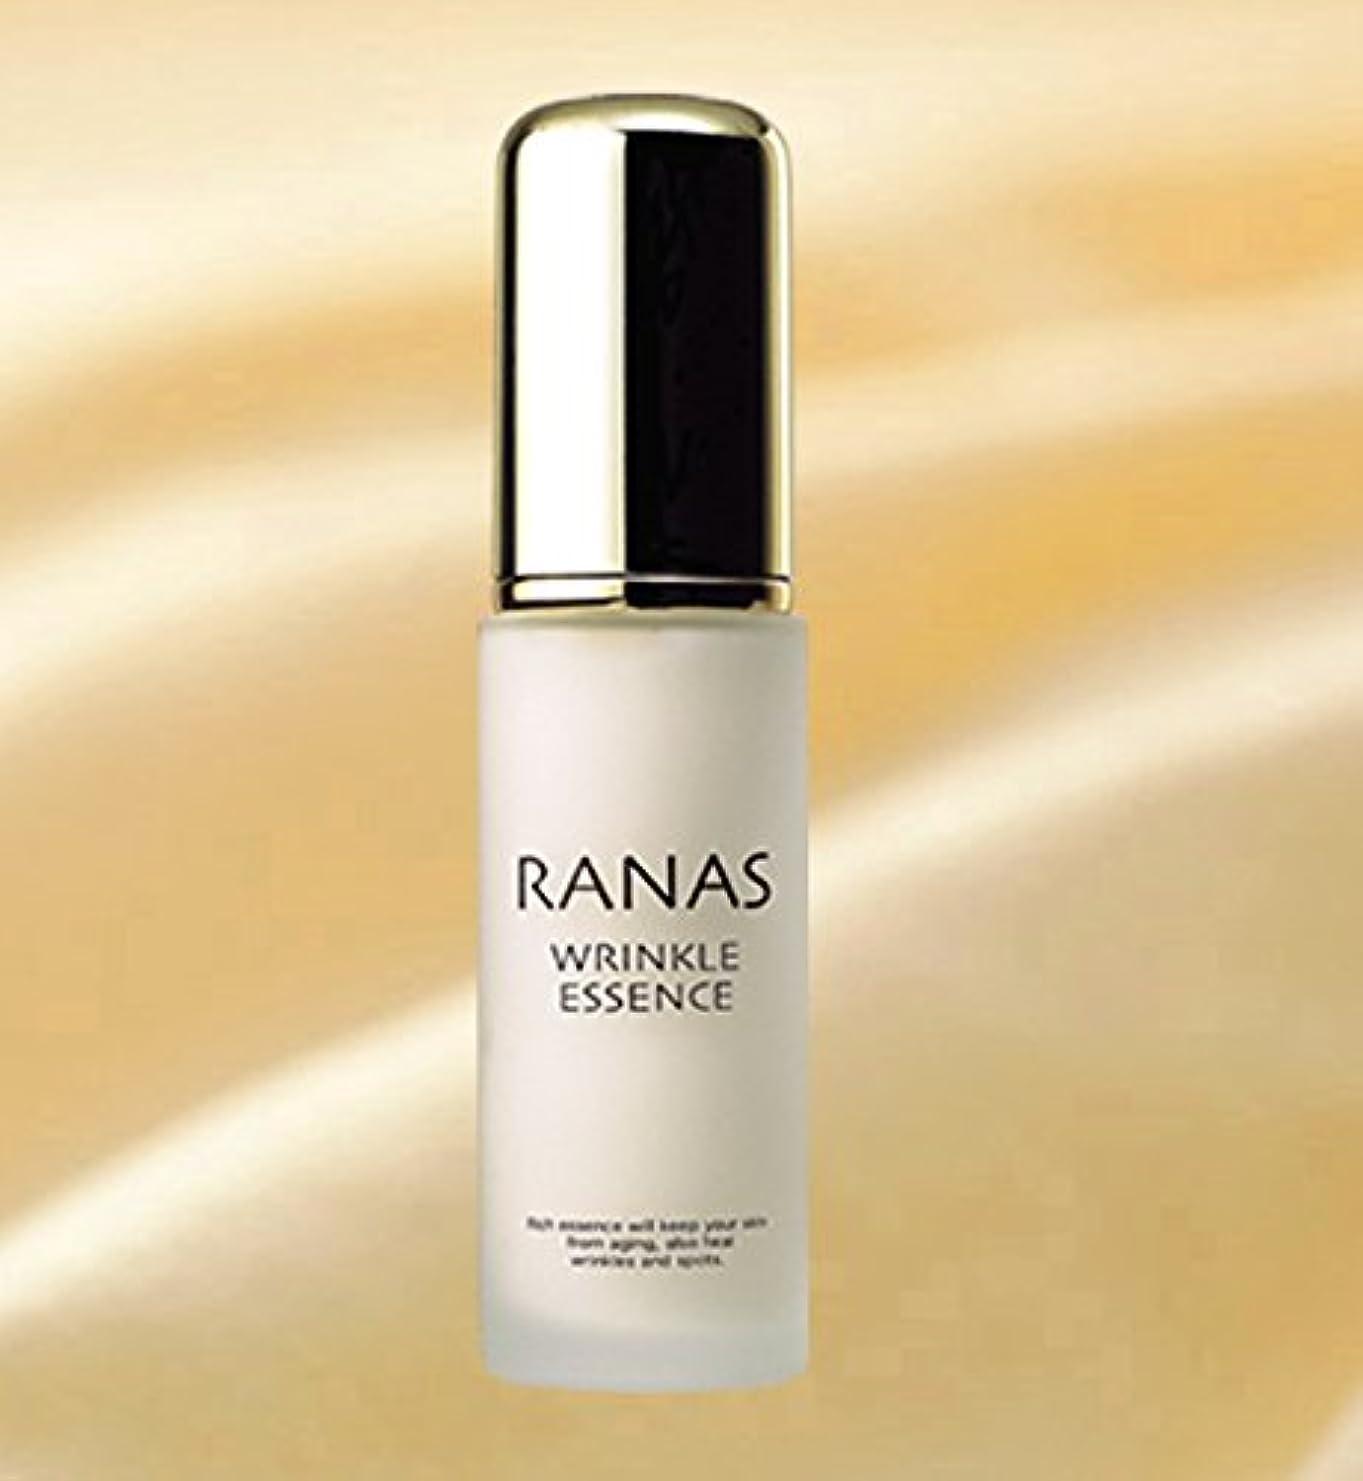 駐地高齢者名声ラナス スペシャル リンクルエッセンス (30ml) Ranas Special Wrinkle Essence (Beauty Essence)